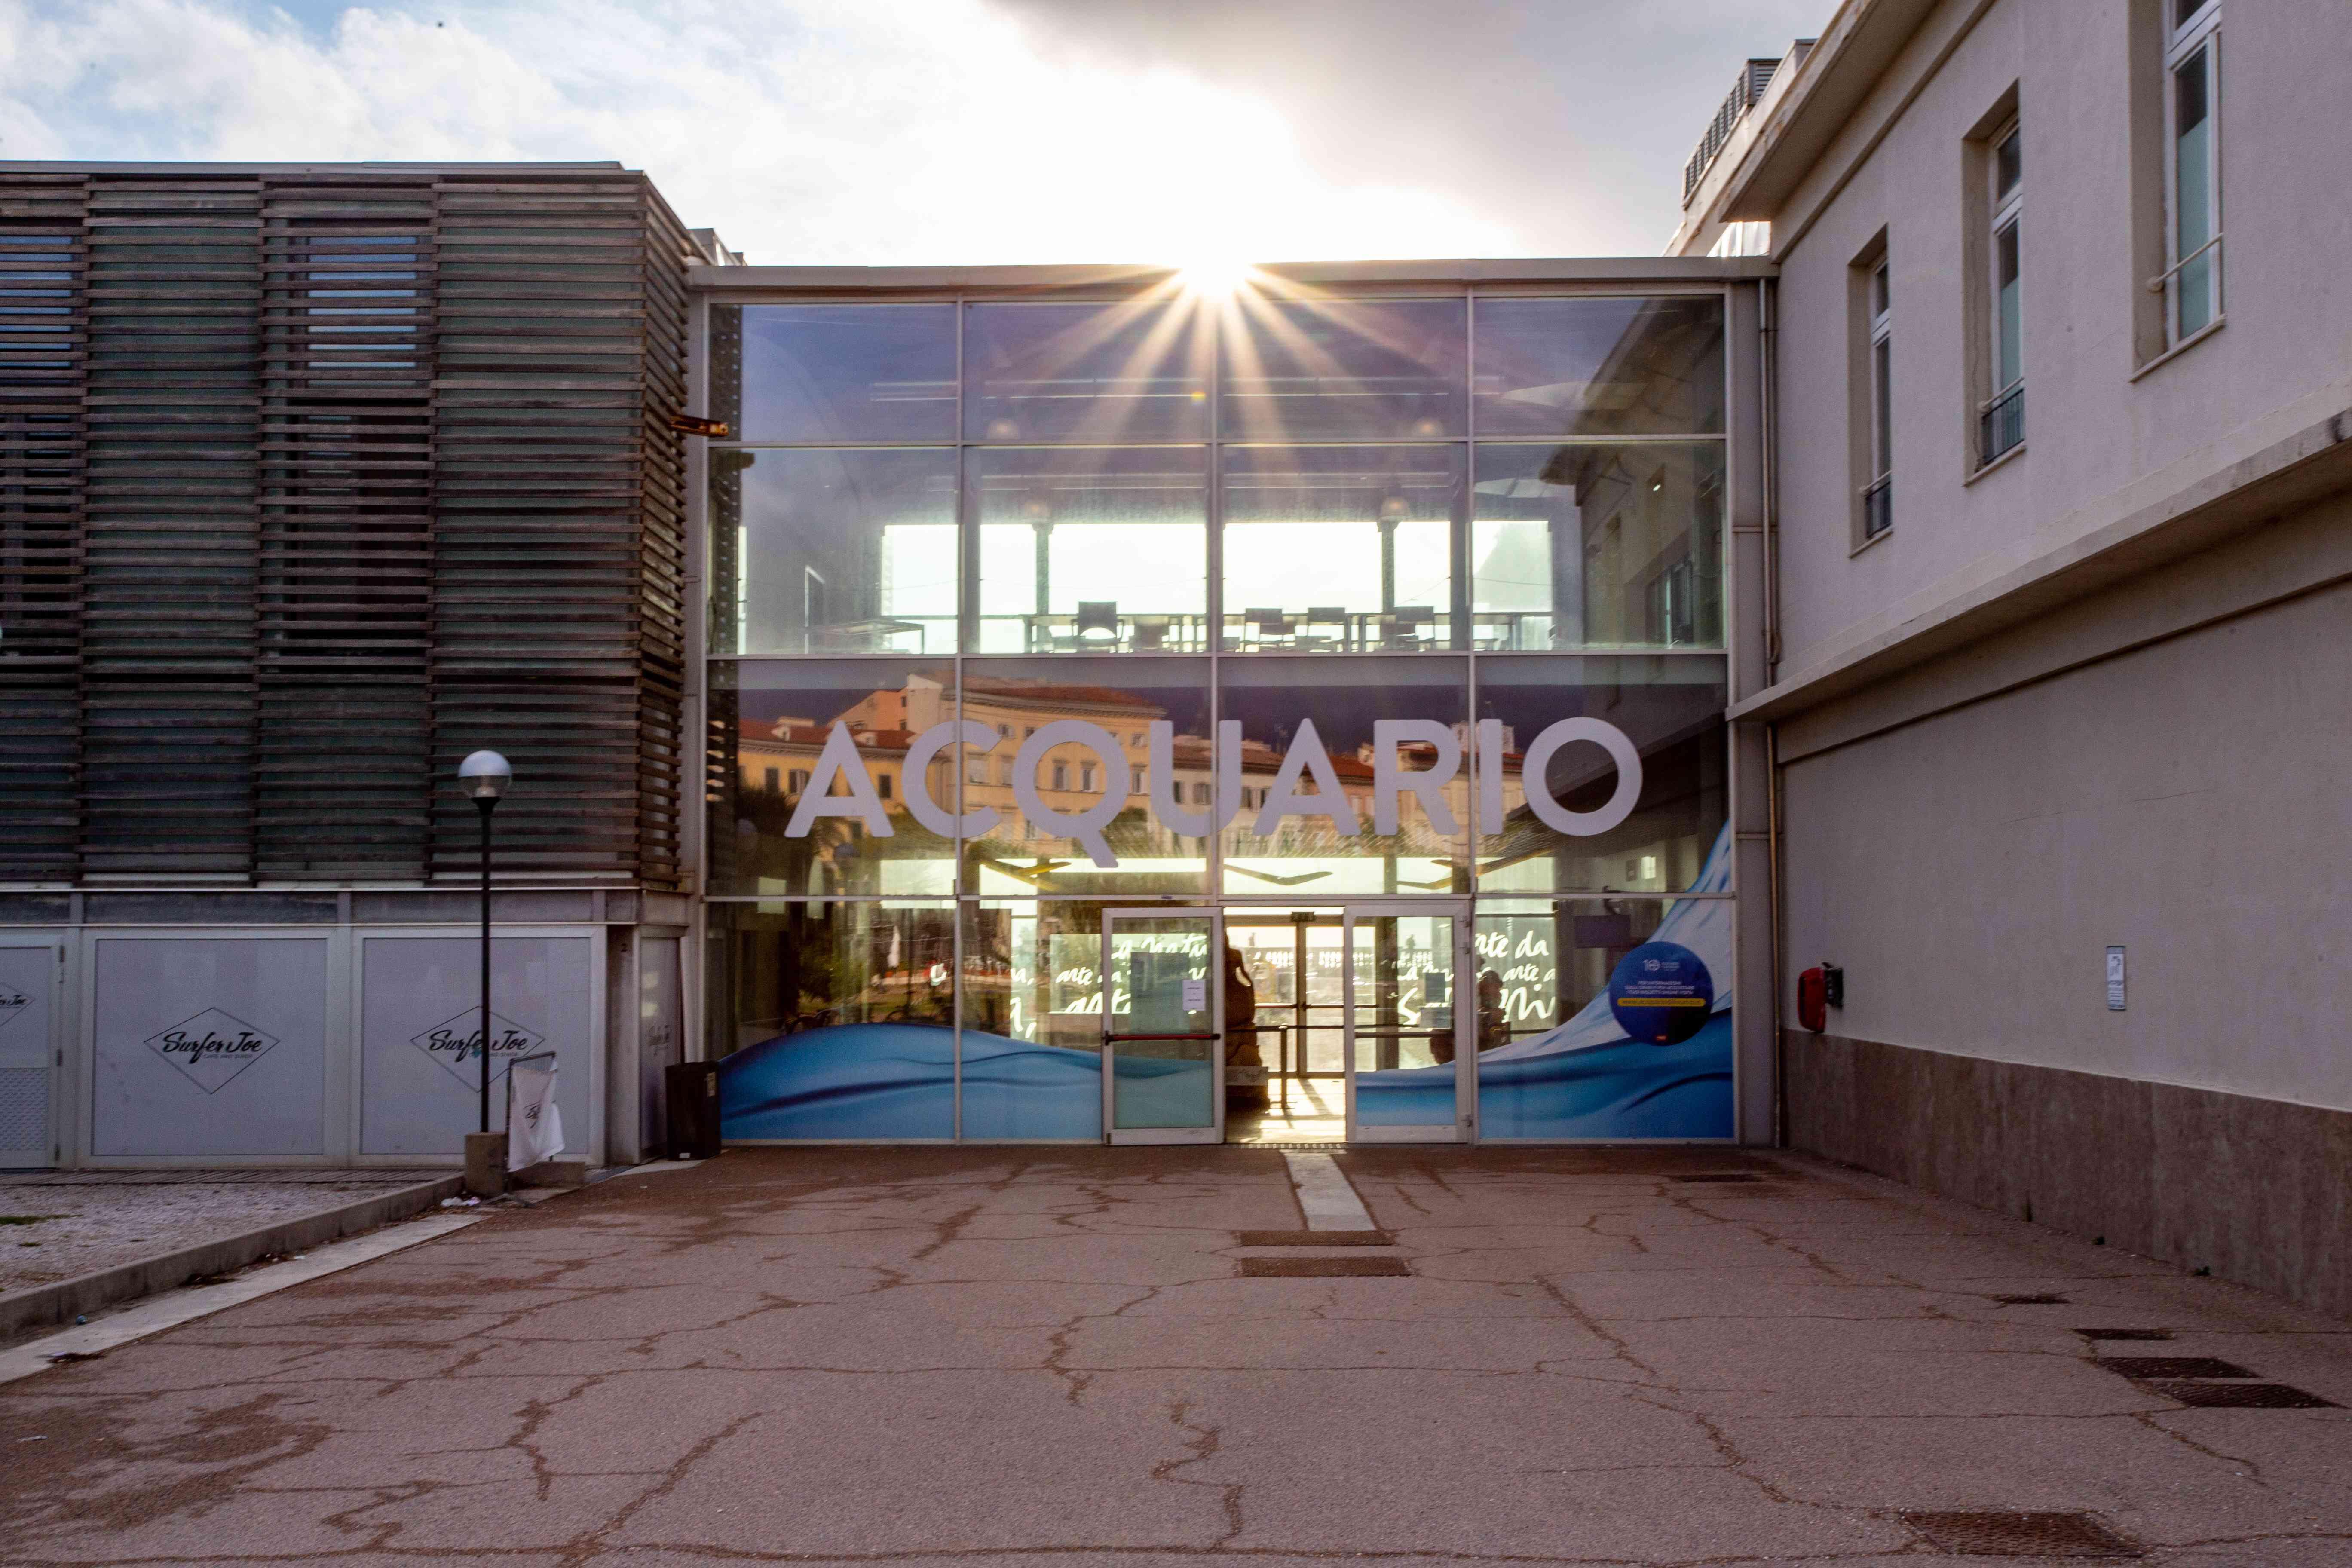 Livorno Aquarium in Italy